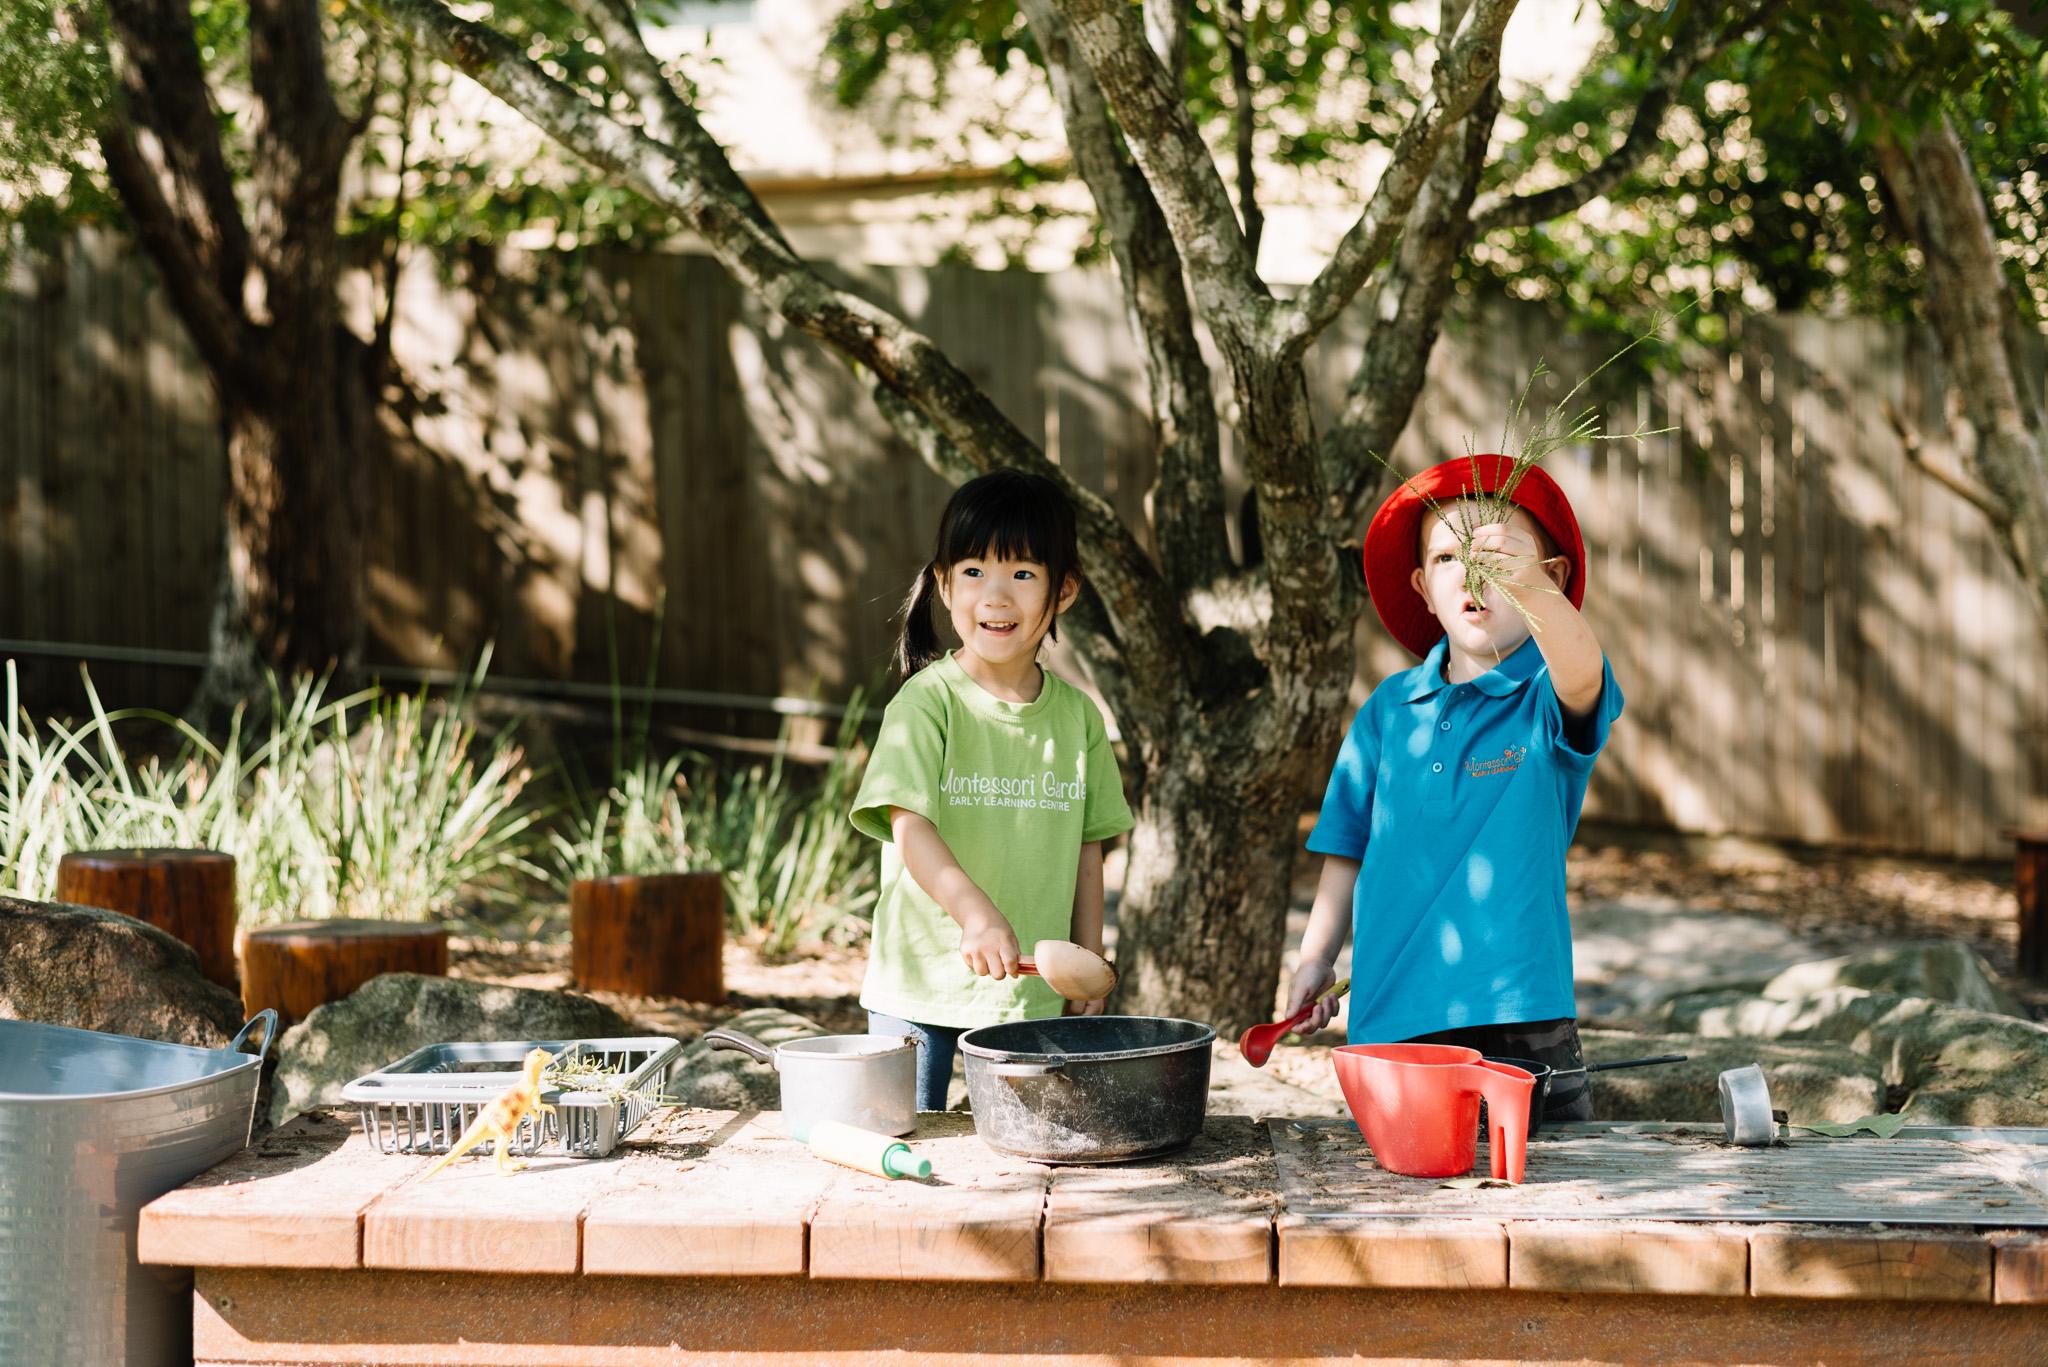 Montessori_Garden_child_development.jpg